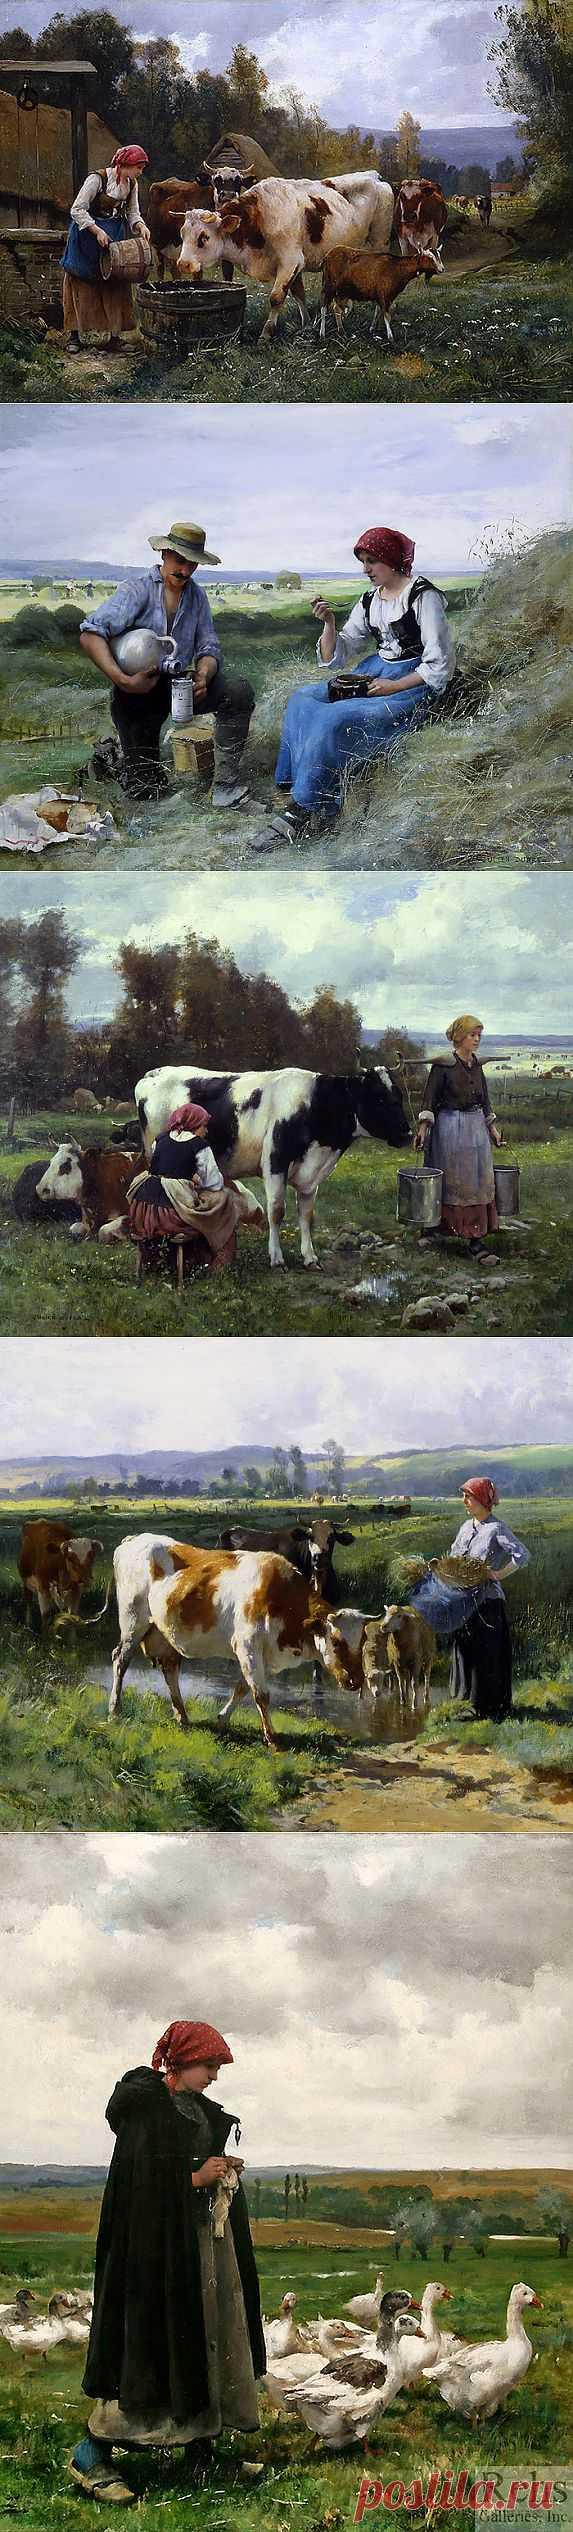 Крестьянская жизнь от Julien Dupre.